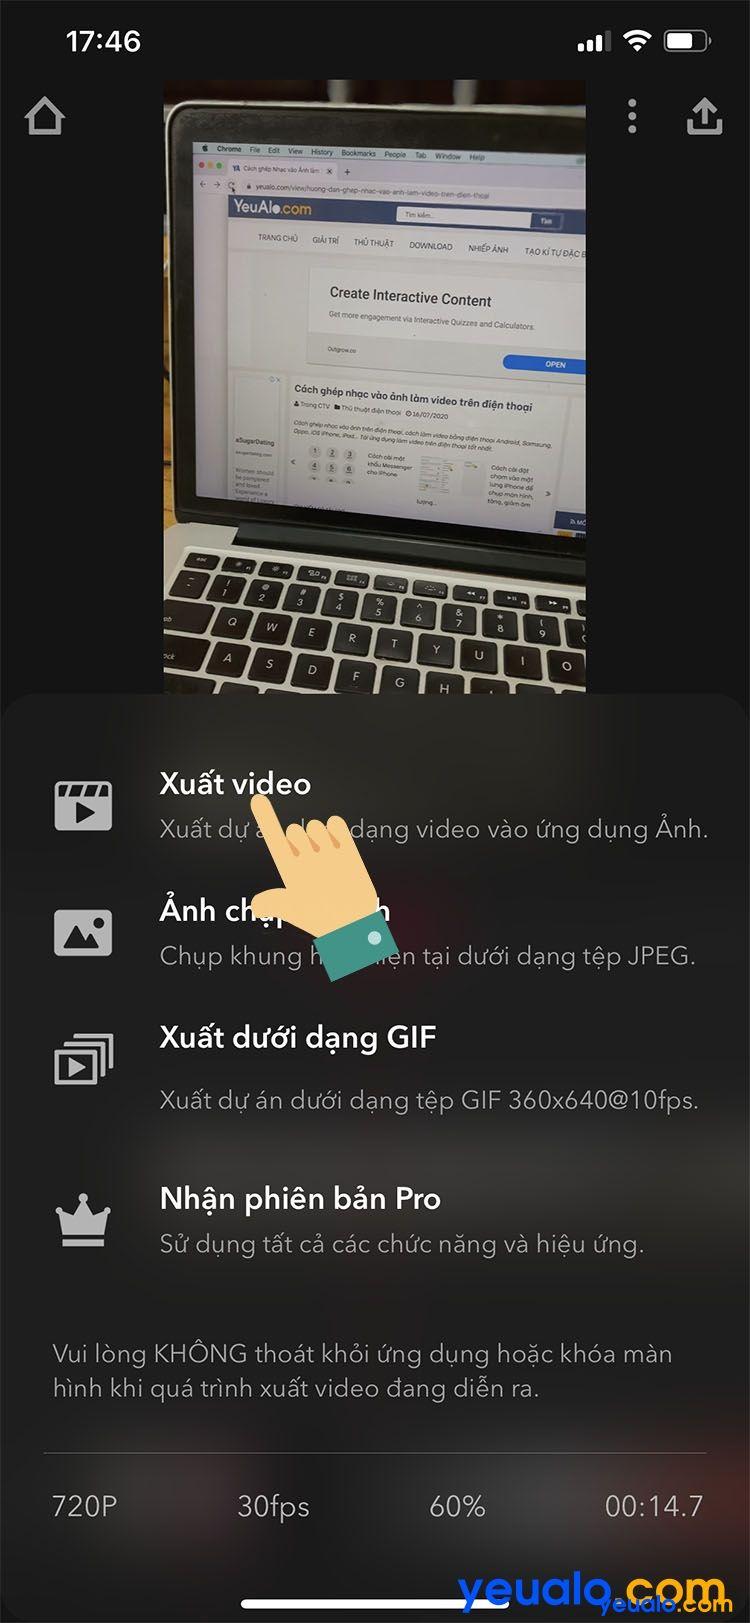 Cách quay video xoá phông trên iPhone 7